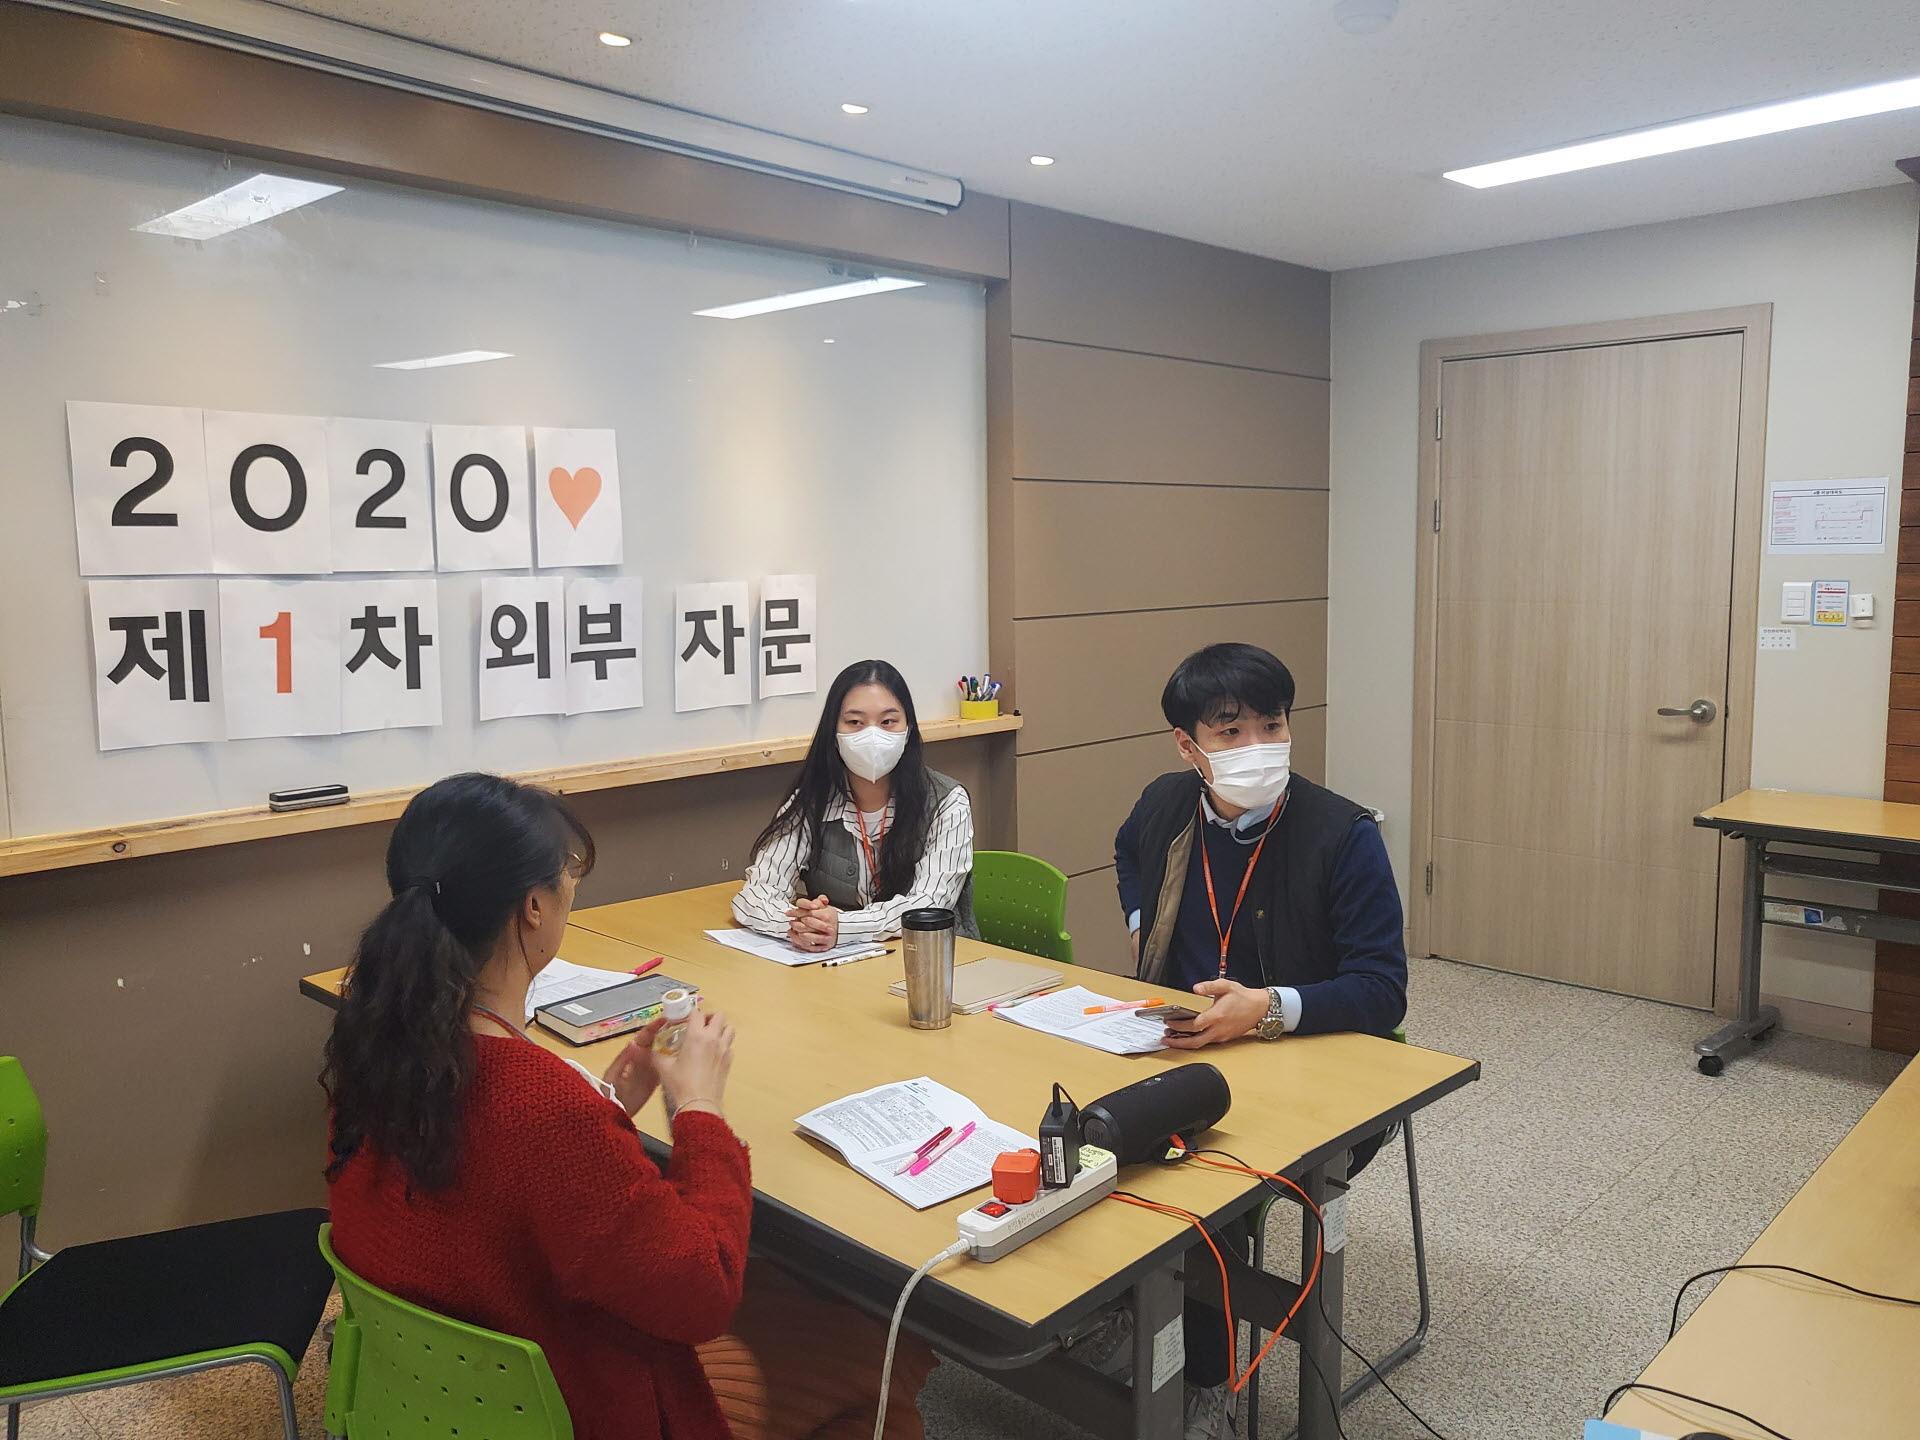 [마을사례관리] 2020년 사례관리 외부자문 진행